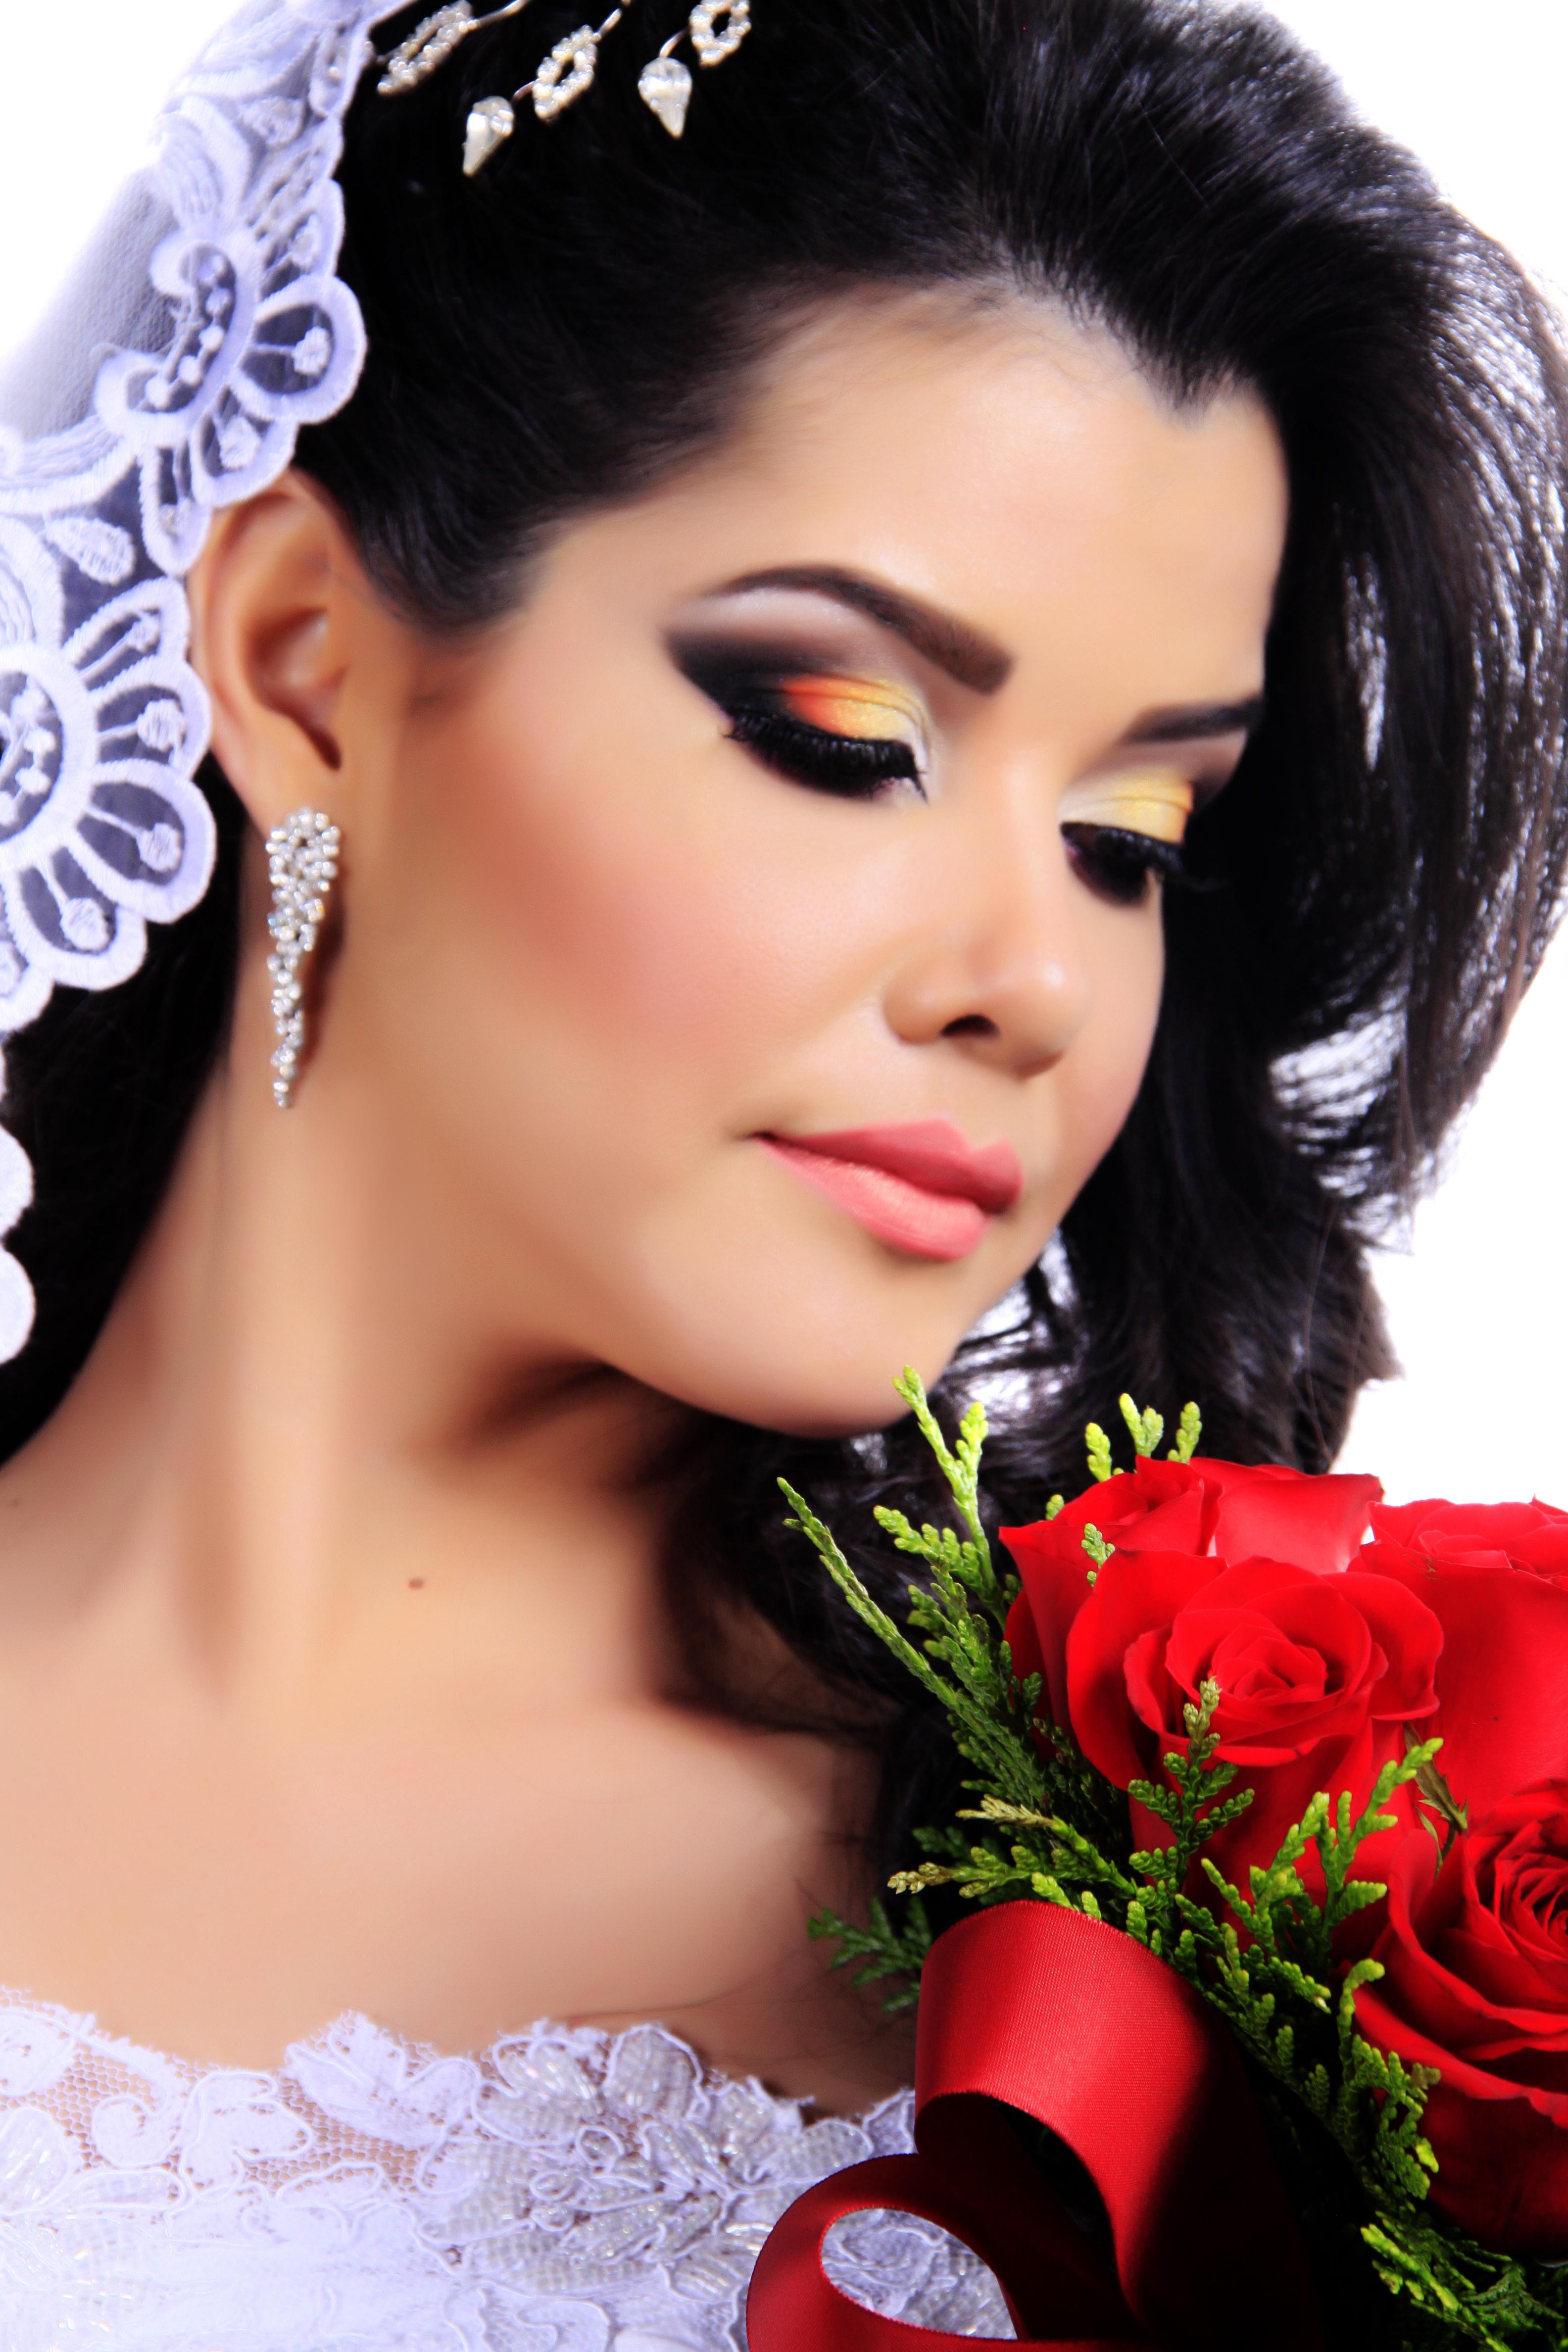 Noiva  maquiagem  auxiliar cabeleireiro(a) maquiador(a) designer de sobrancelhas